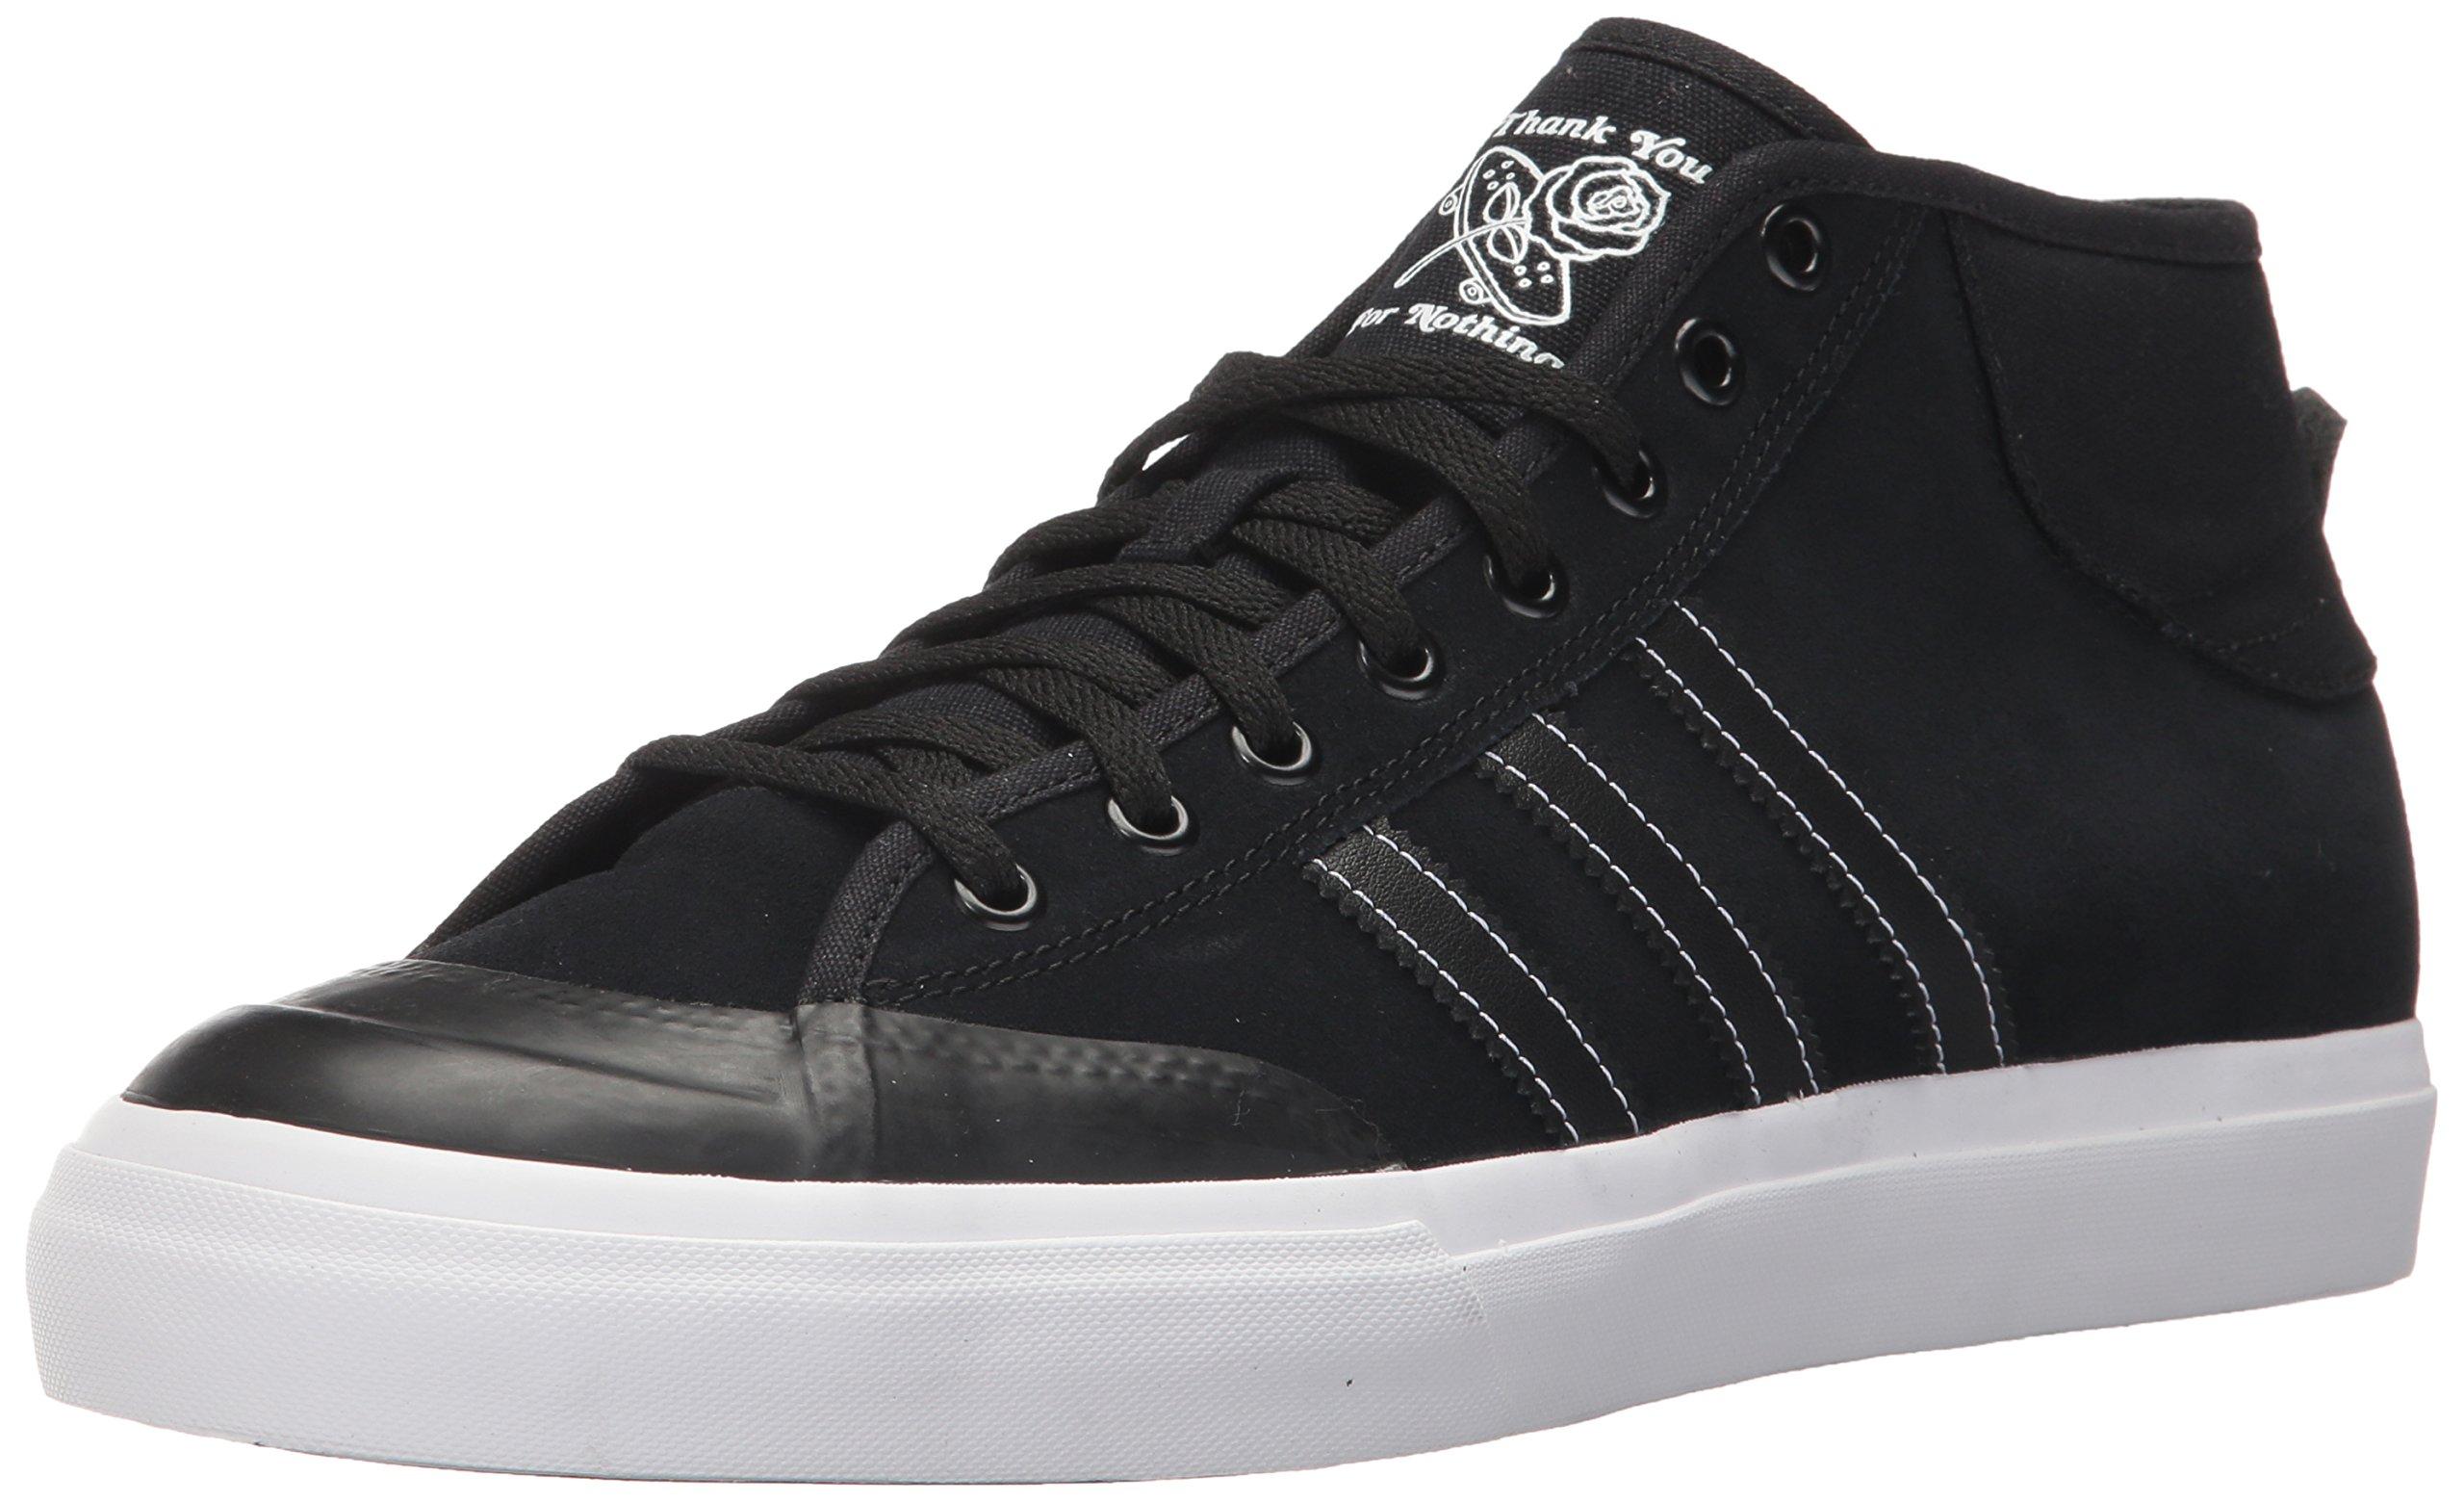 new concept 8926c 68657 Galleon - Adidas Originals Men s Matchcourt MID Running Shoe, Black White,  10 Medium US